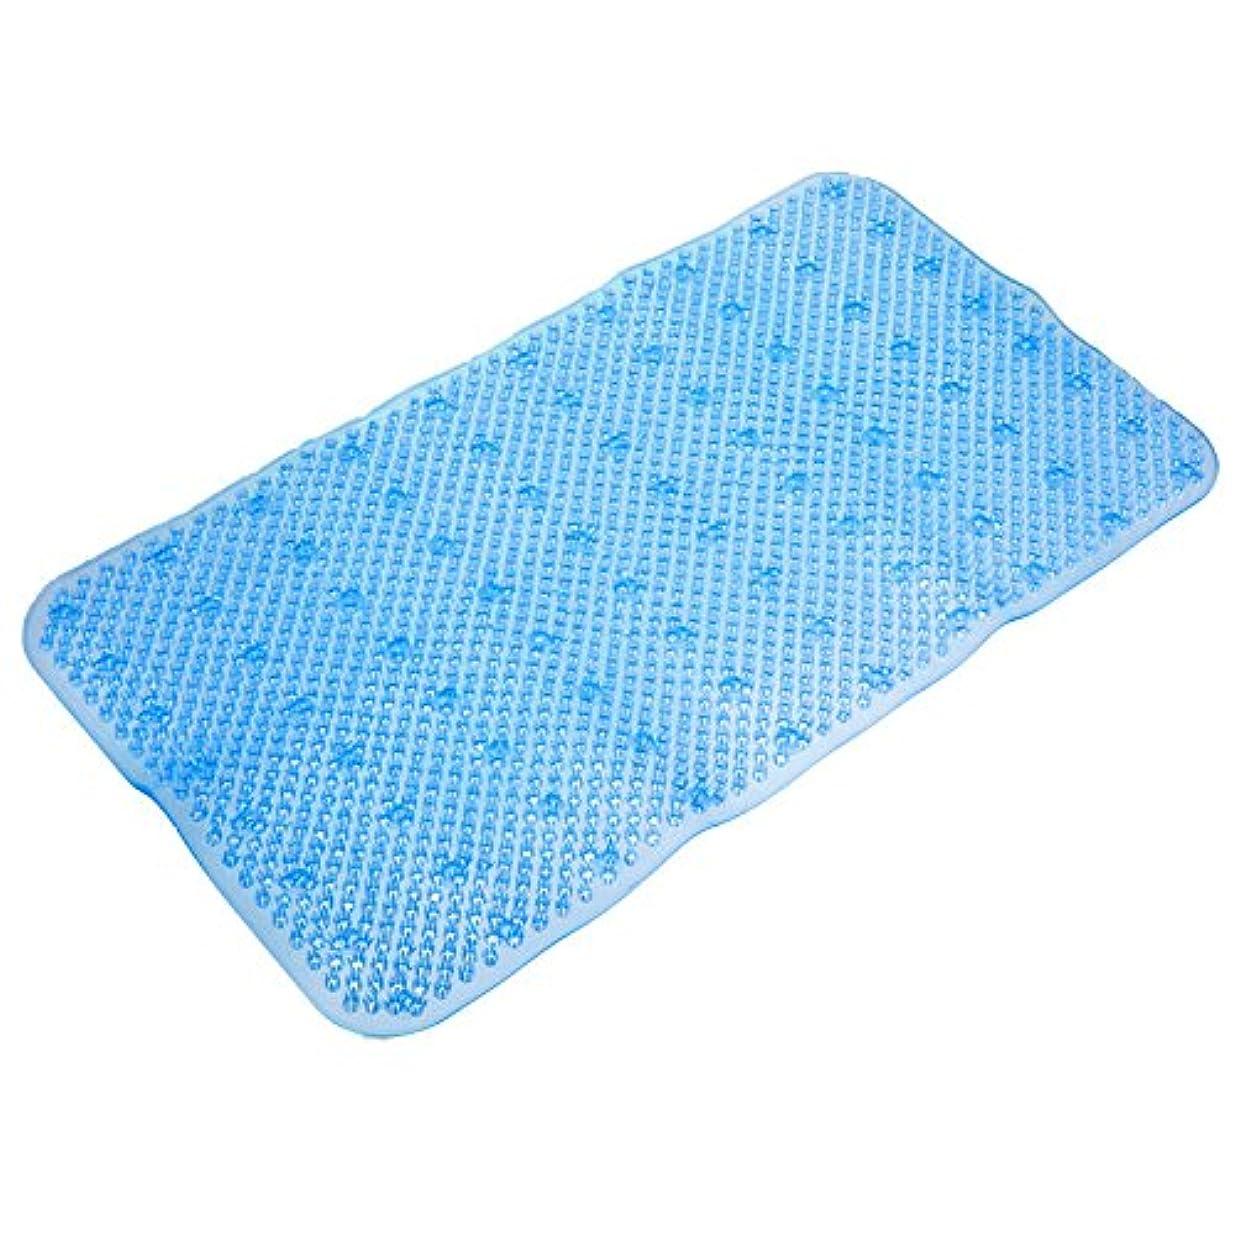 帳面聖域扱いやすい便利な pvc 34 × 64 センチ非スリップ風呂浴室シャワー トイレ アンチスリップフロアマット吸引吸盤パッド足マッサージ の敷物5色-青い